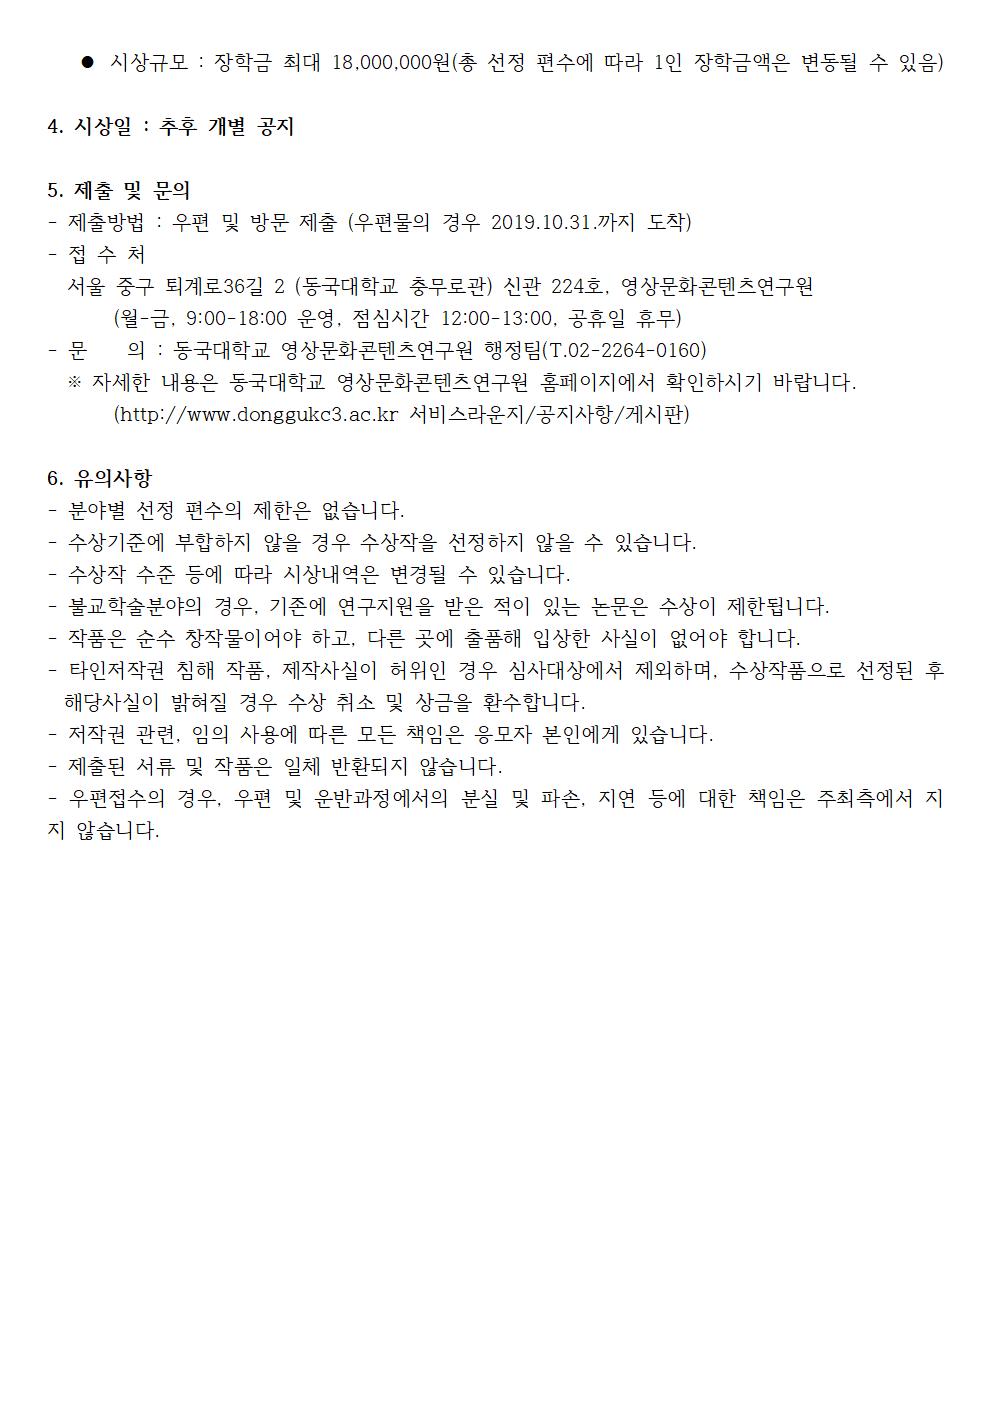 제10회 대원불교문화상 공모 공지글 201908002